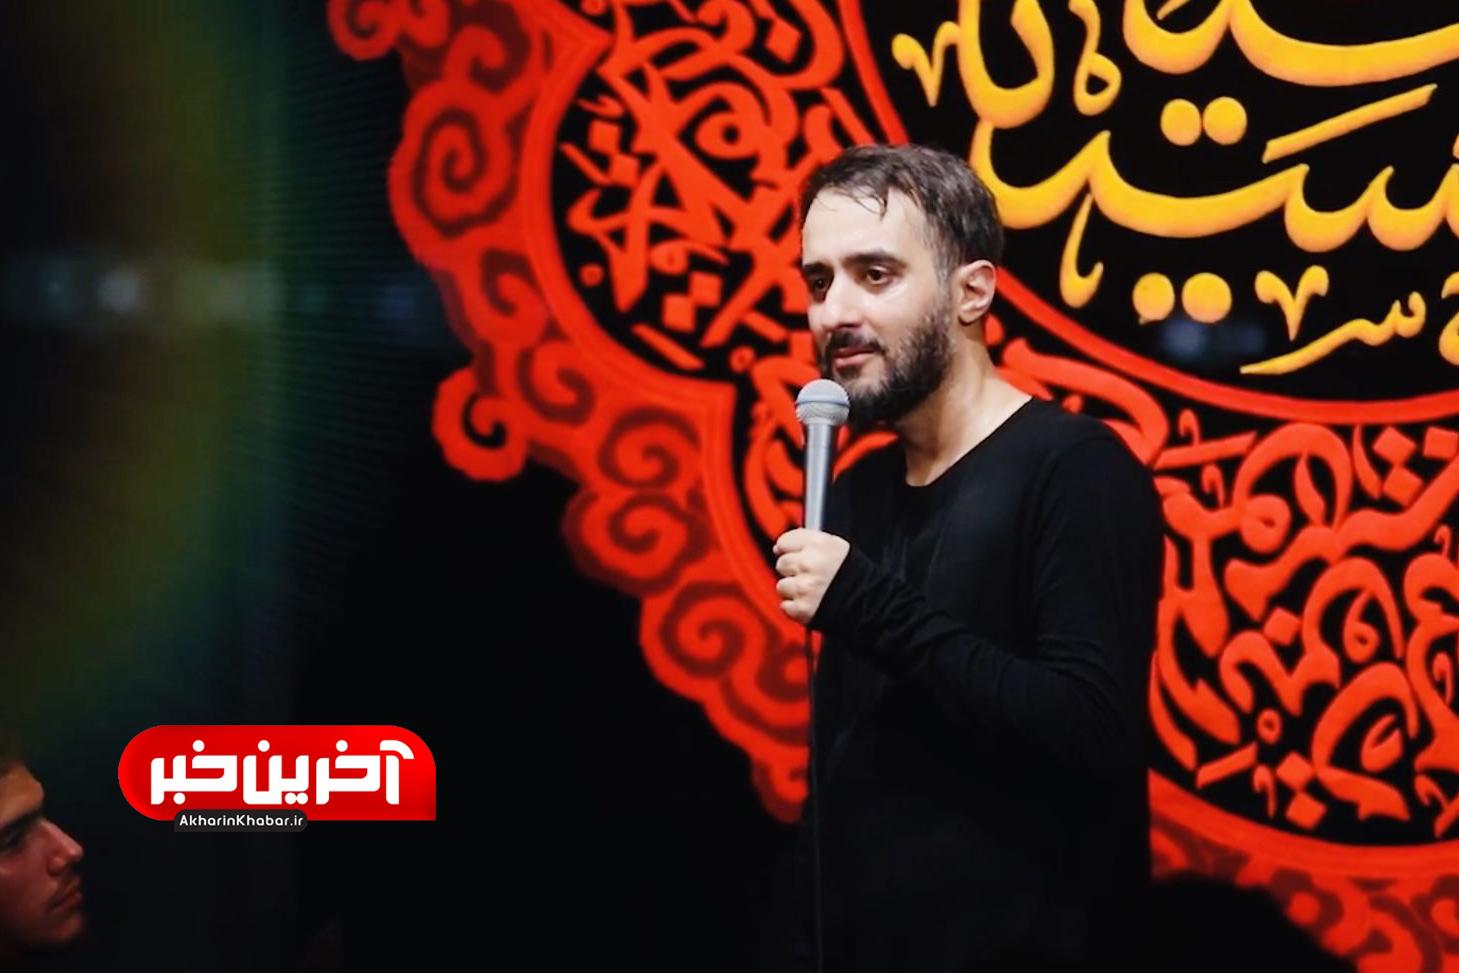 آلبوم صوتی و زیبای «عزیزم حسین» از «محمد حسین پویانفر»